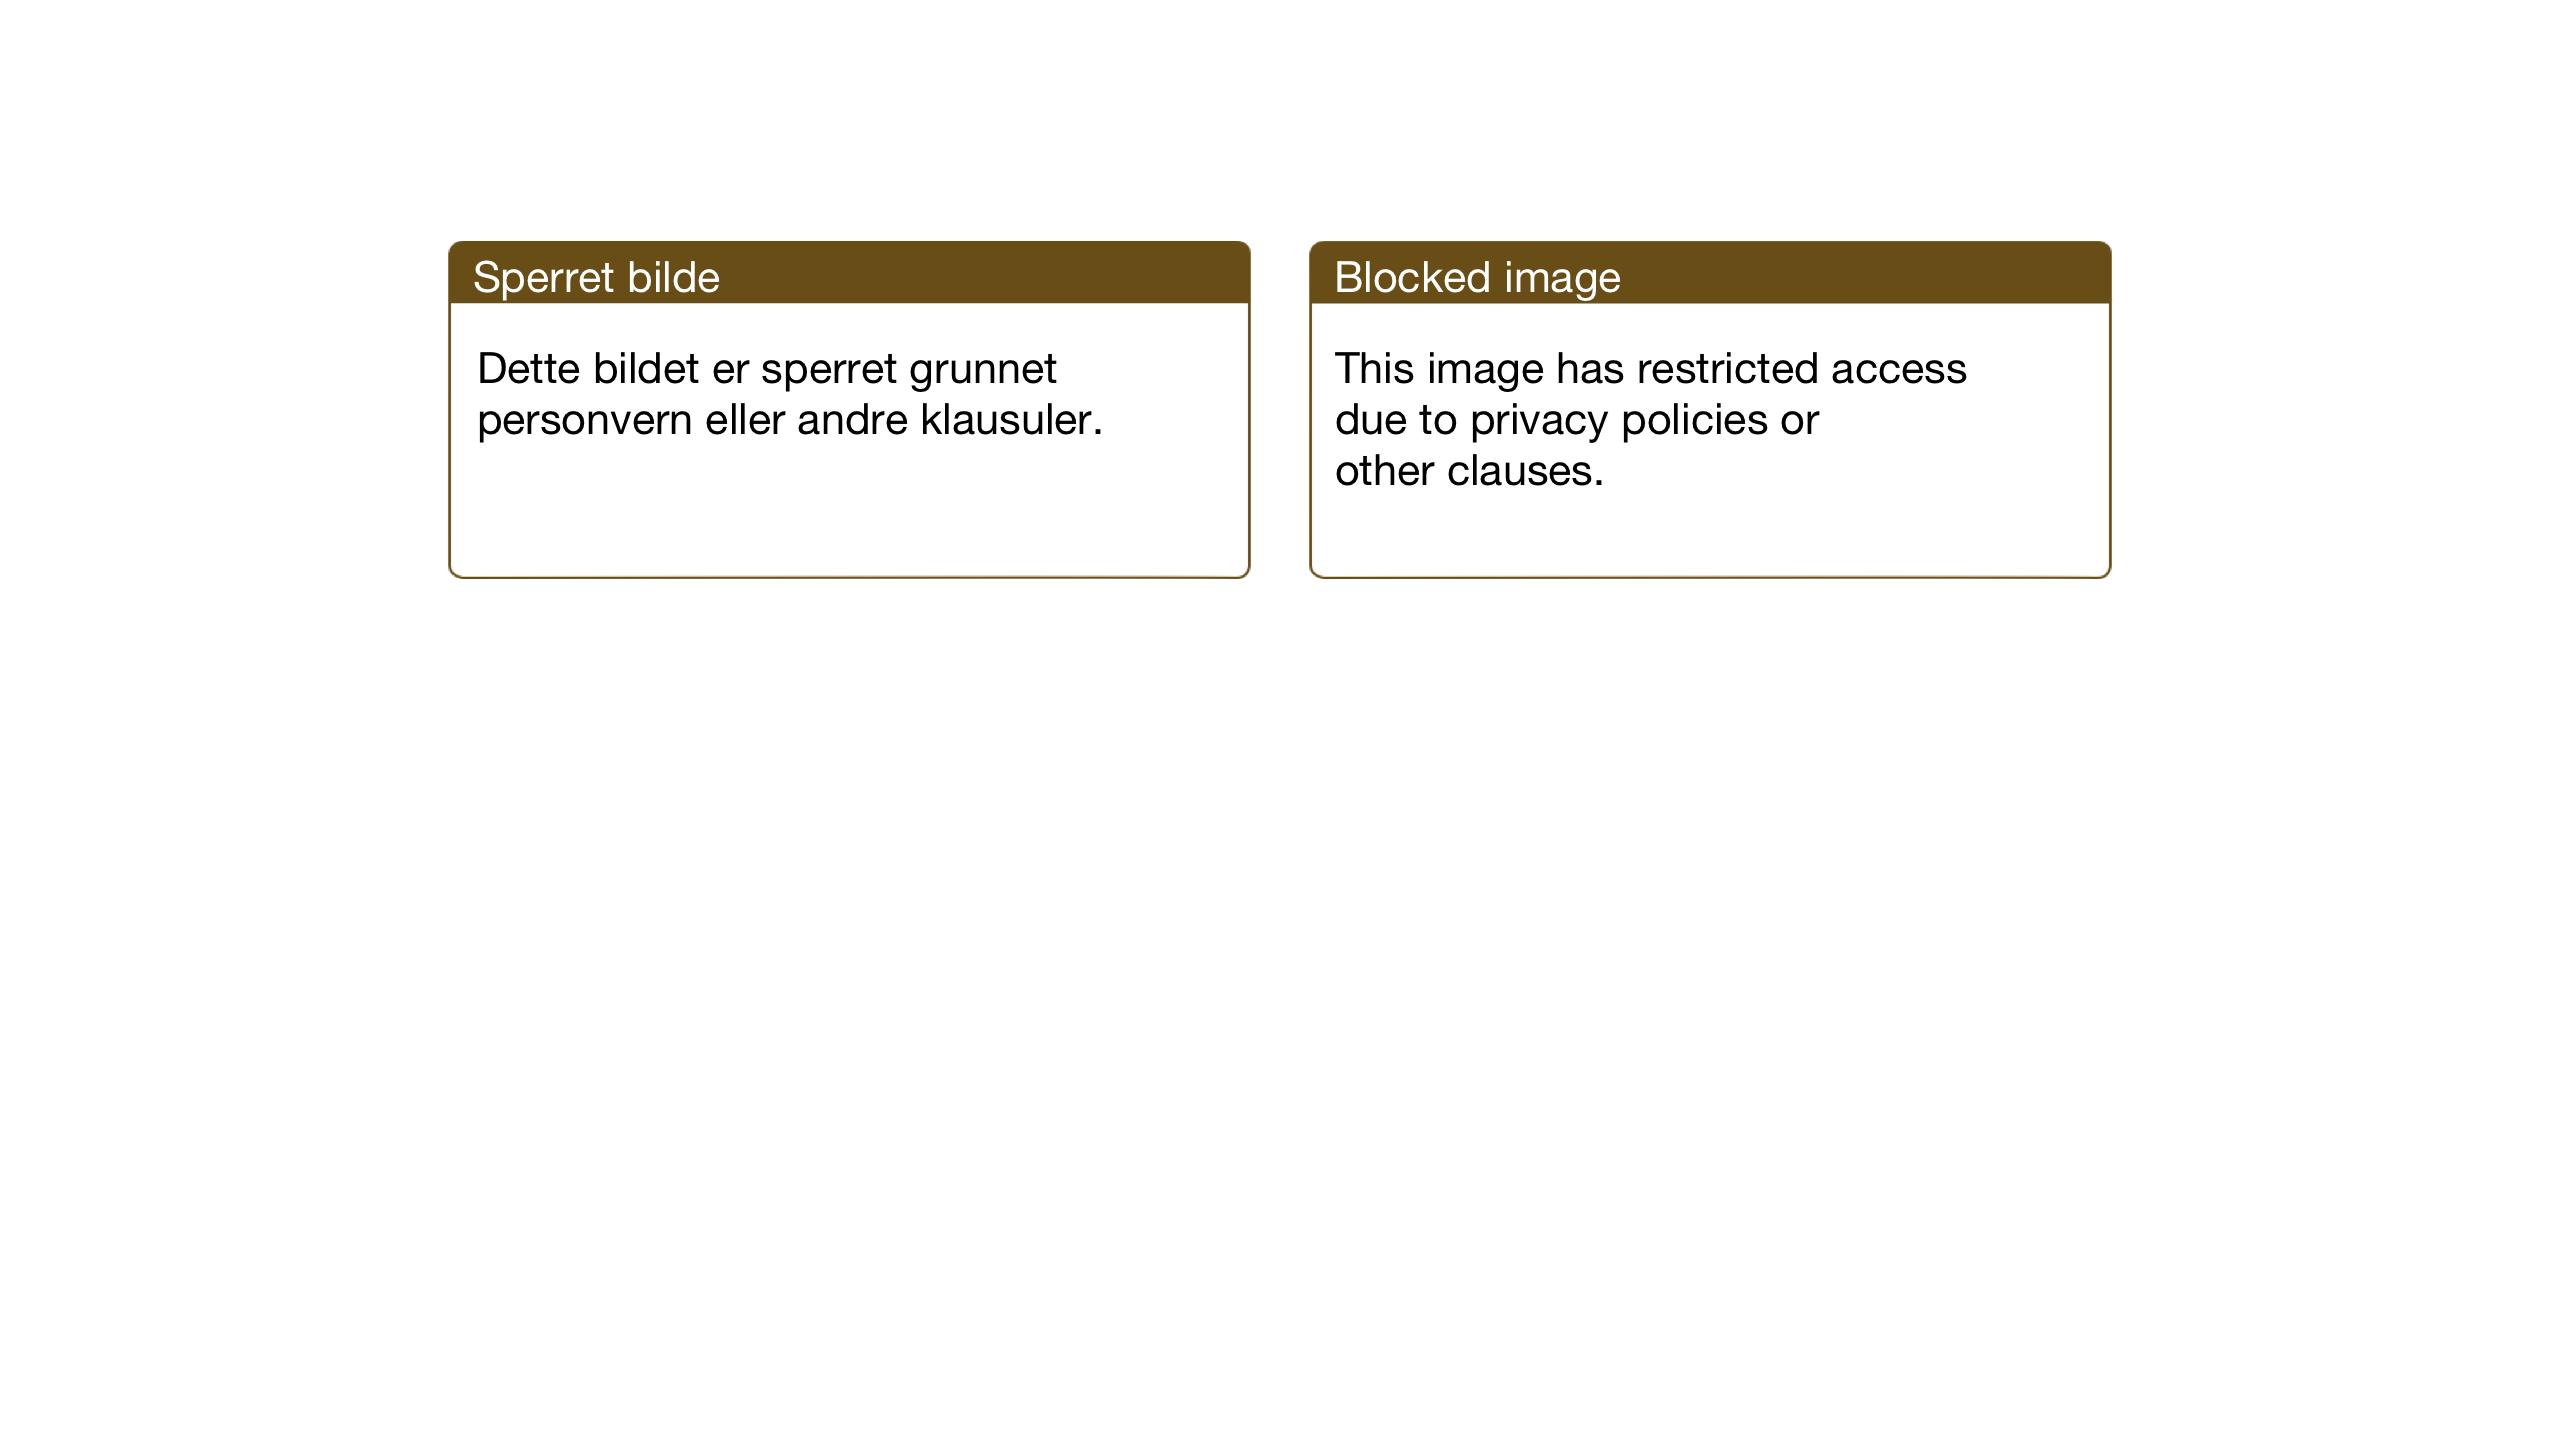 SAT, Ministerialprotokoller, klokkerbøker og fødselsregistre - Nord-Trøndelag, 701/L0019: Klokkerbok nr. 701C03, 1930-1953, s. 55